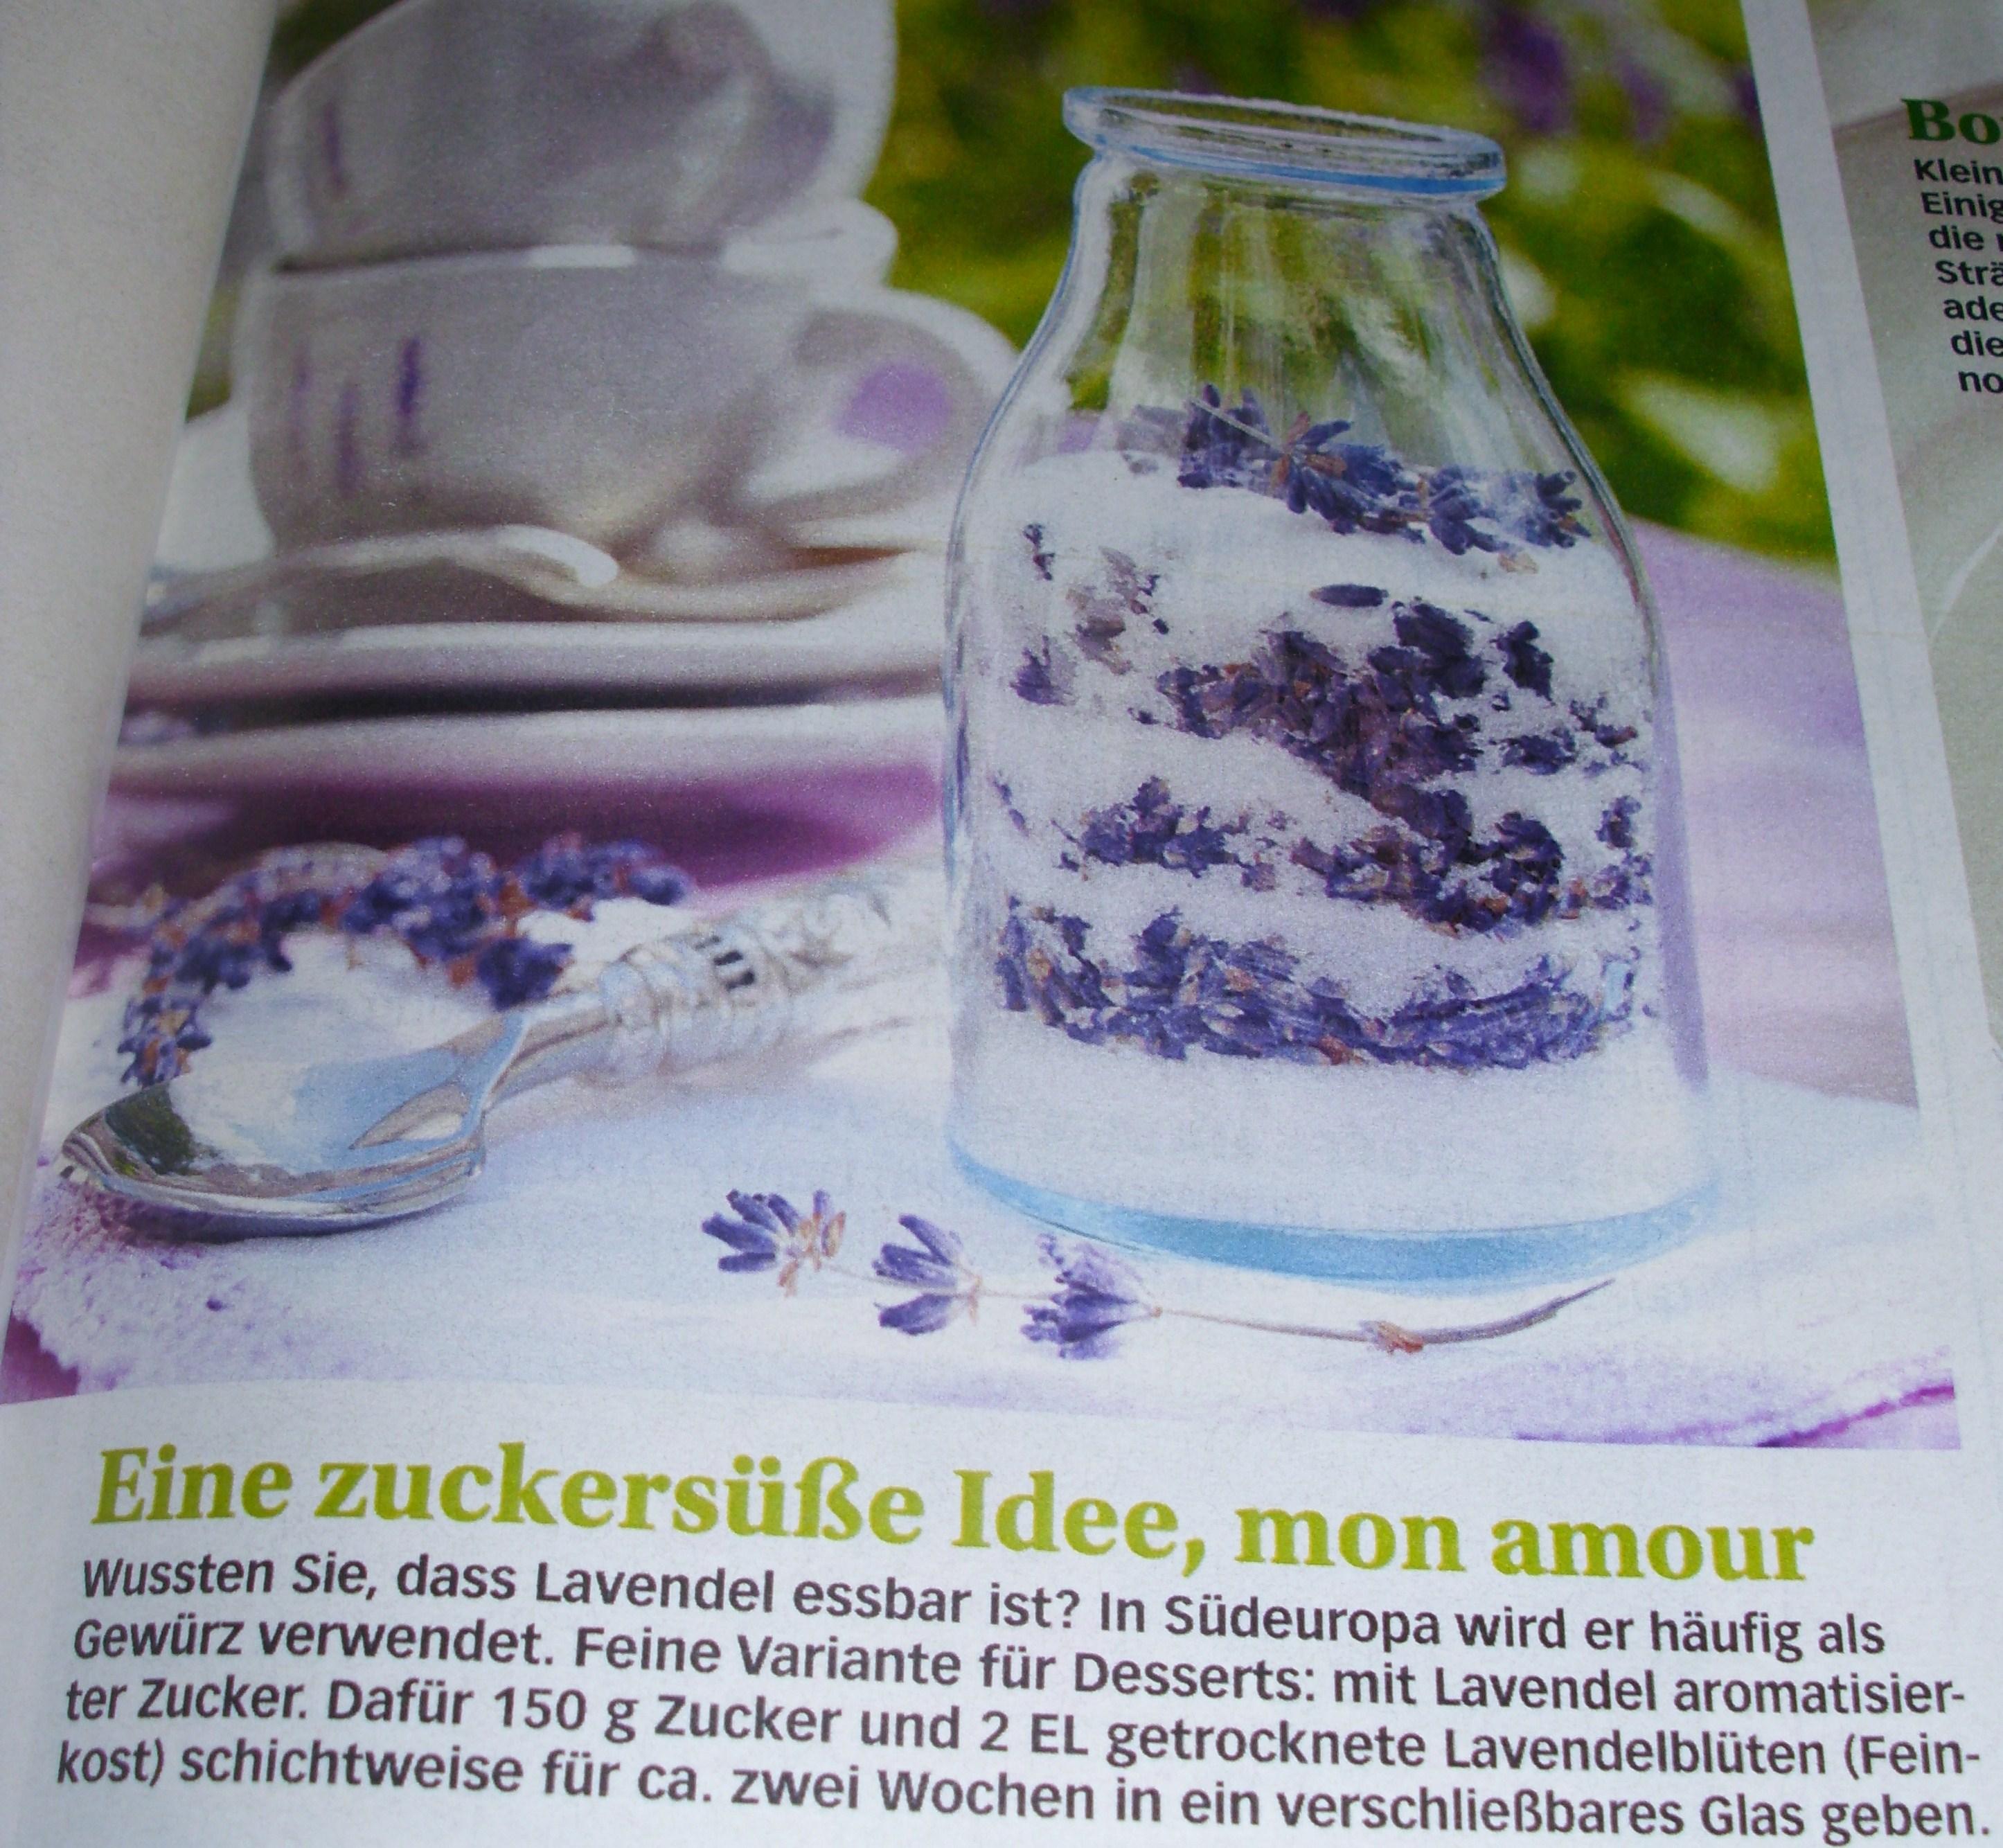 lady s produkttests zaubern mit lavendel. Black Bedroom Furniture Sets. Home Design Ideas